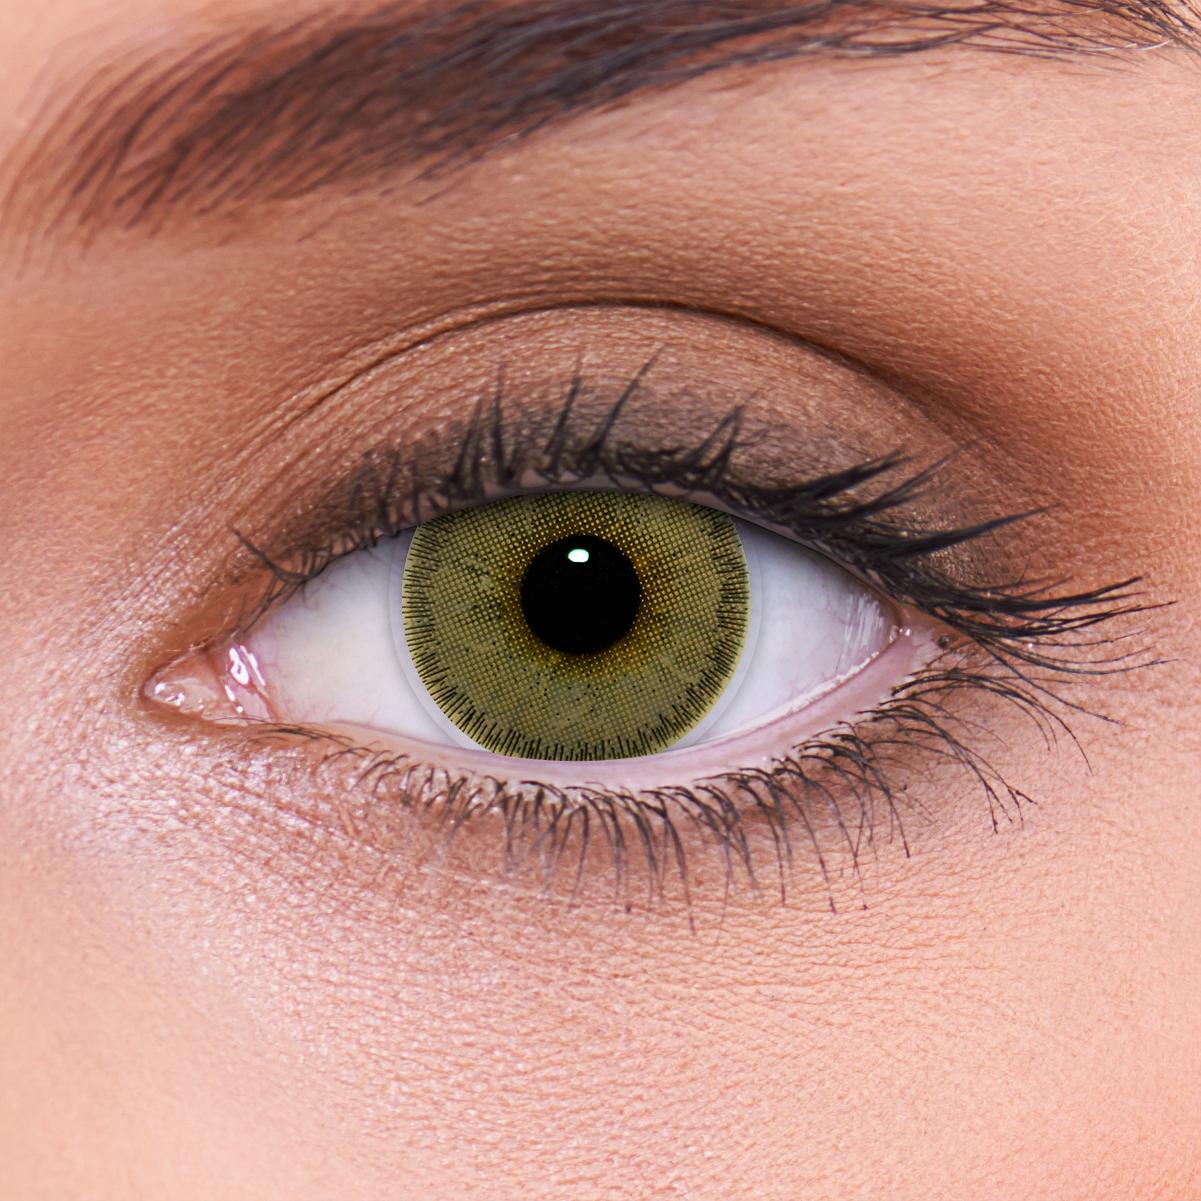 farbige kontaktlinsen mit st rke f r dunkle augen md74 messianica. Black Bedroom Furniture Sets. Home Design Ideas